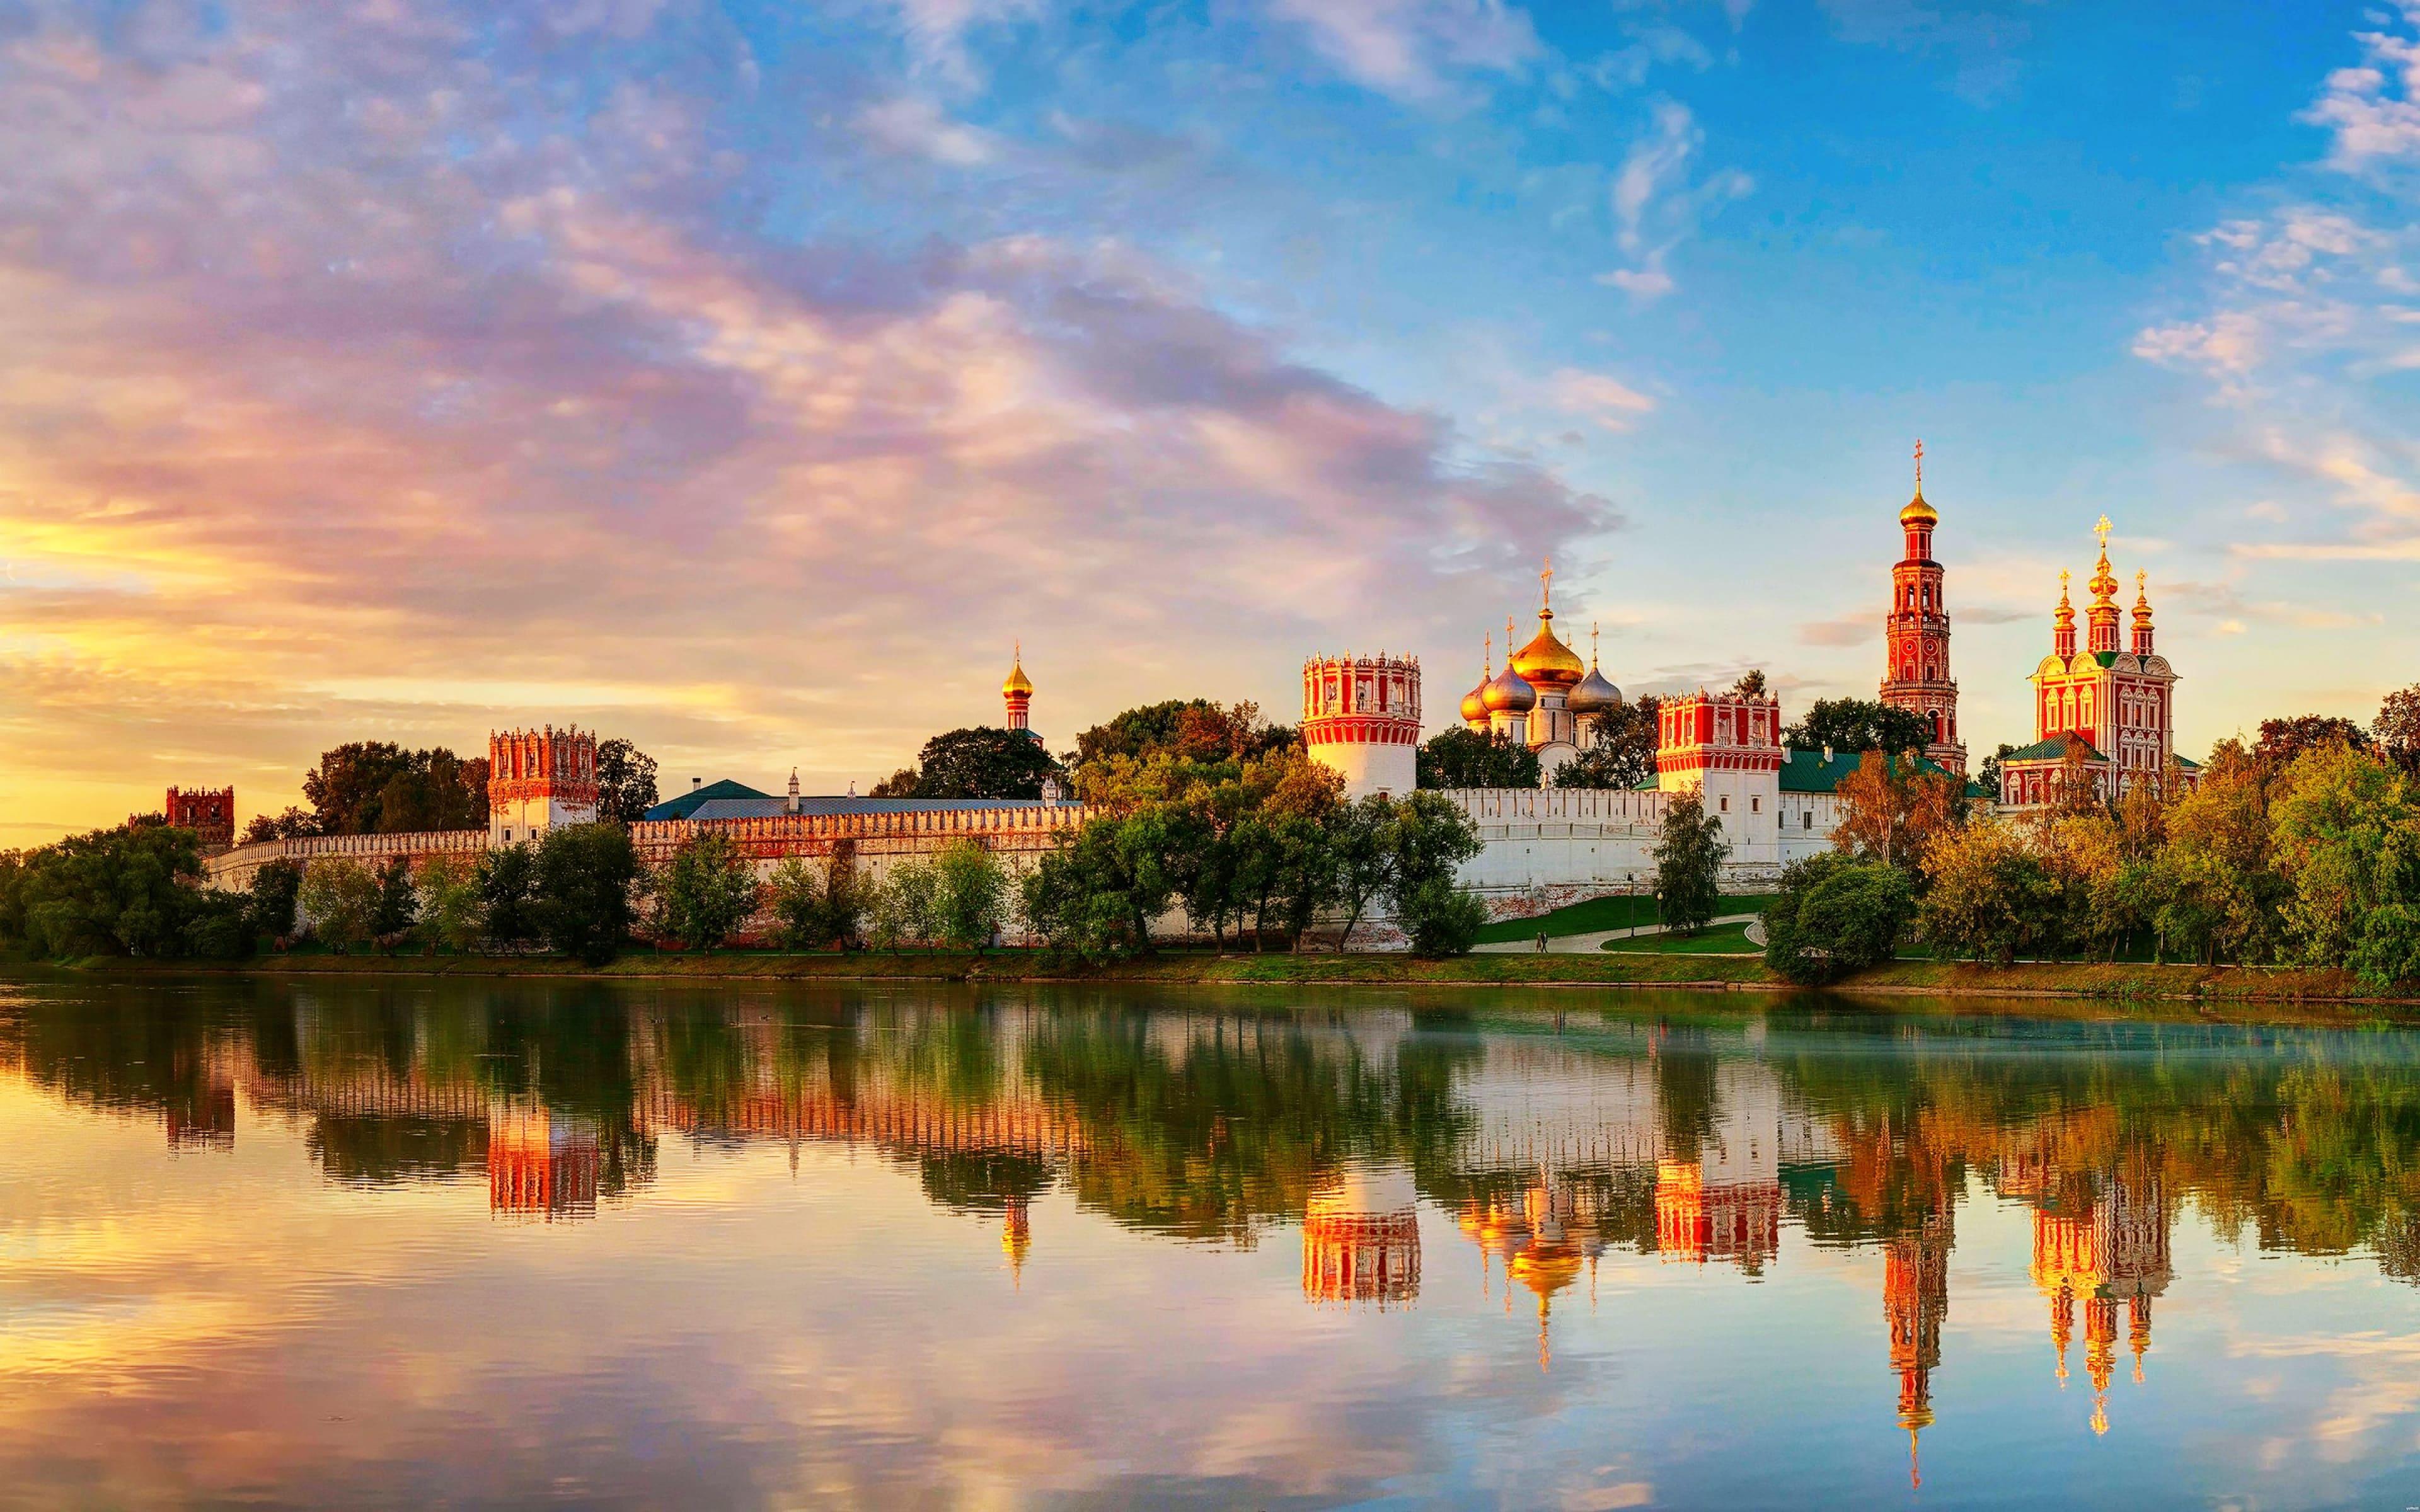 Россия - Москва, Новодевичий Богородице-Смоленский монастырь, 4к обои город, 3840 на 2400 пикселей